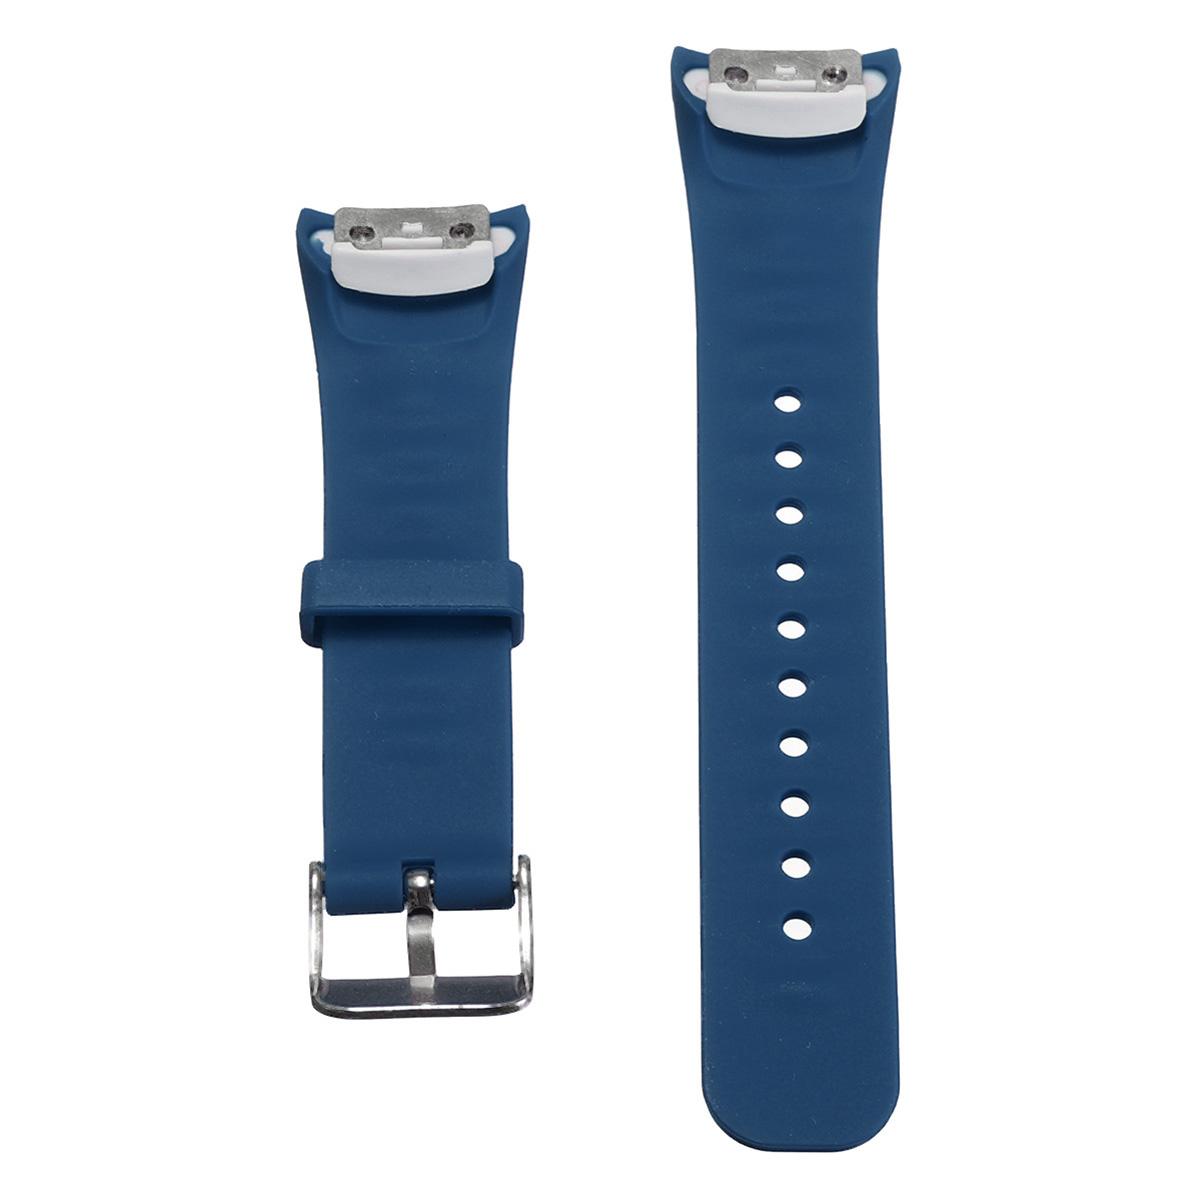 ... Perhiasan pengganti gelang silikon Band tali pengikat untuk SamsungGear Fit 2 SM-R360 Biru Tua ...